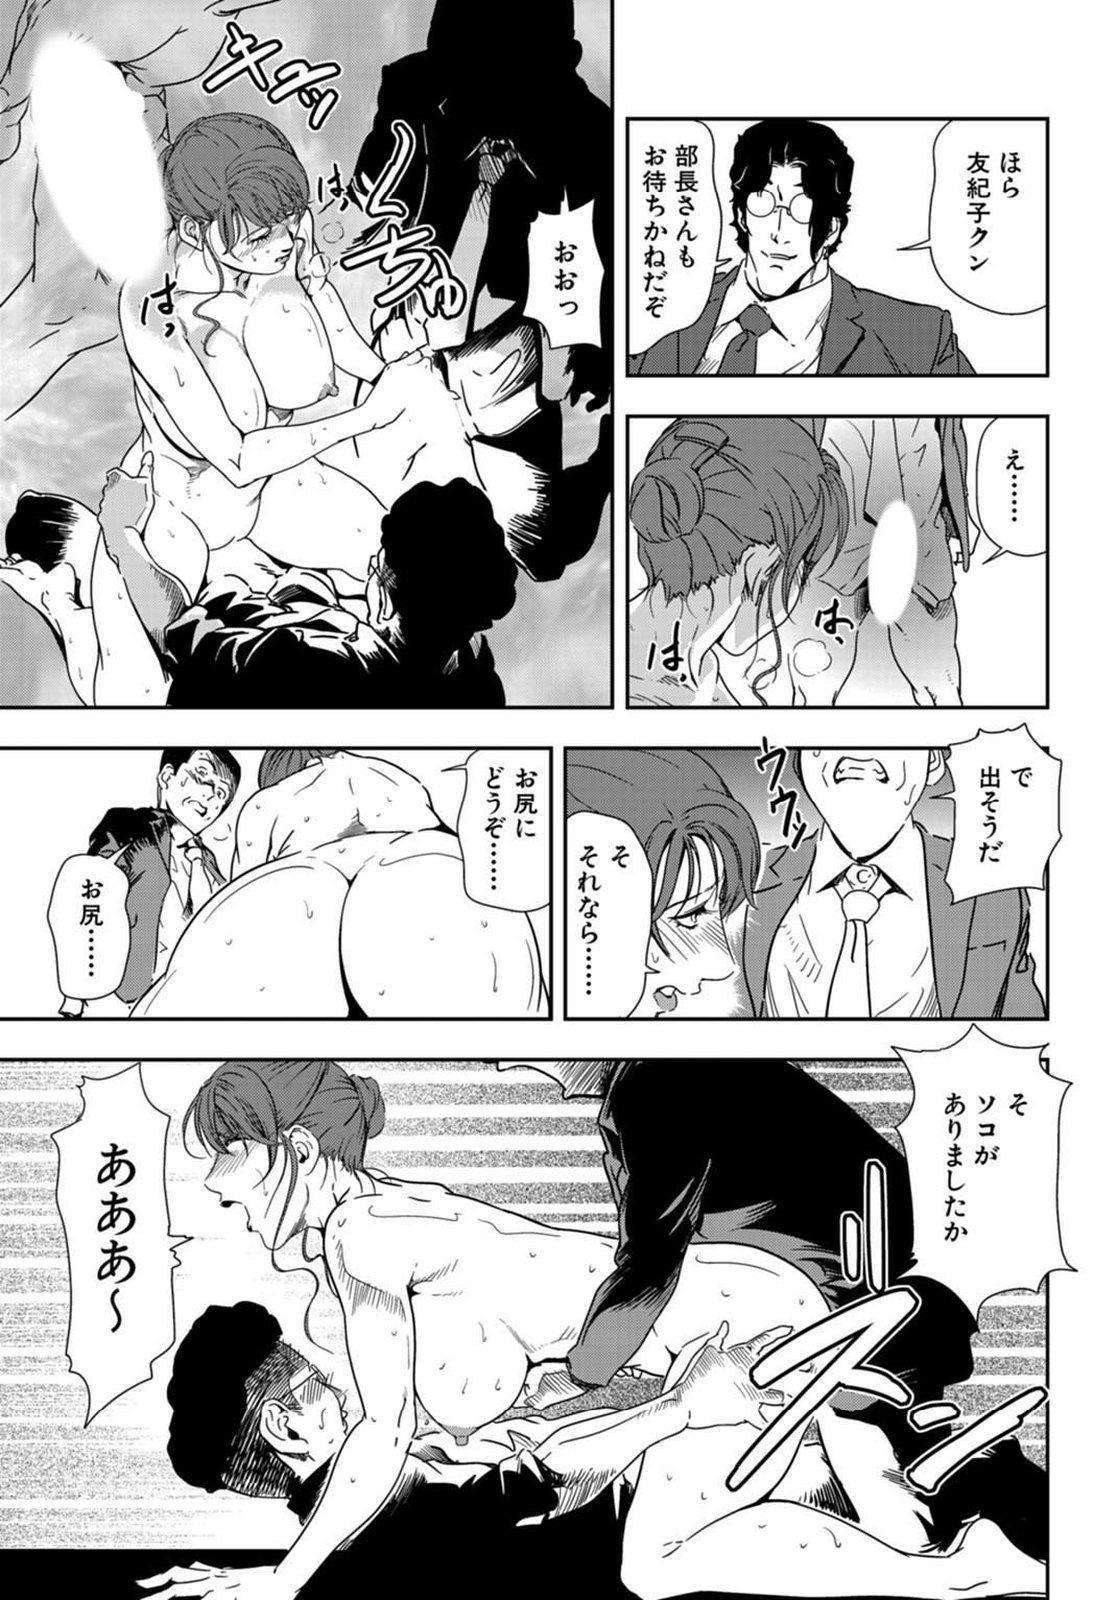 Nikuhisyo Yukiko 21 22